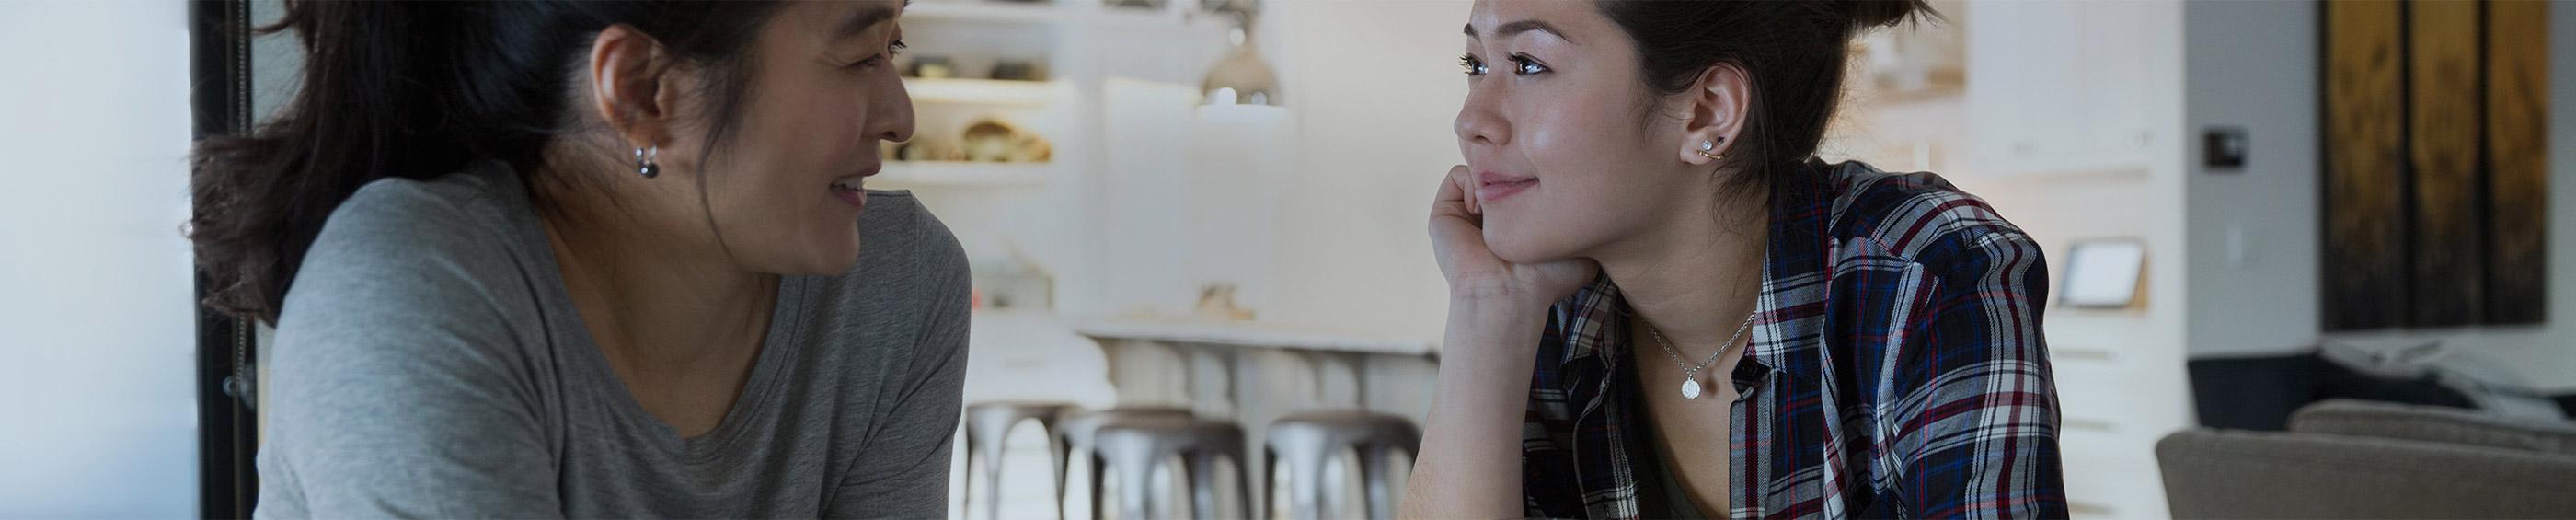 Une jeune femme qui parle à sa mère dans la cuisine